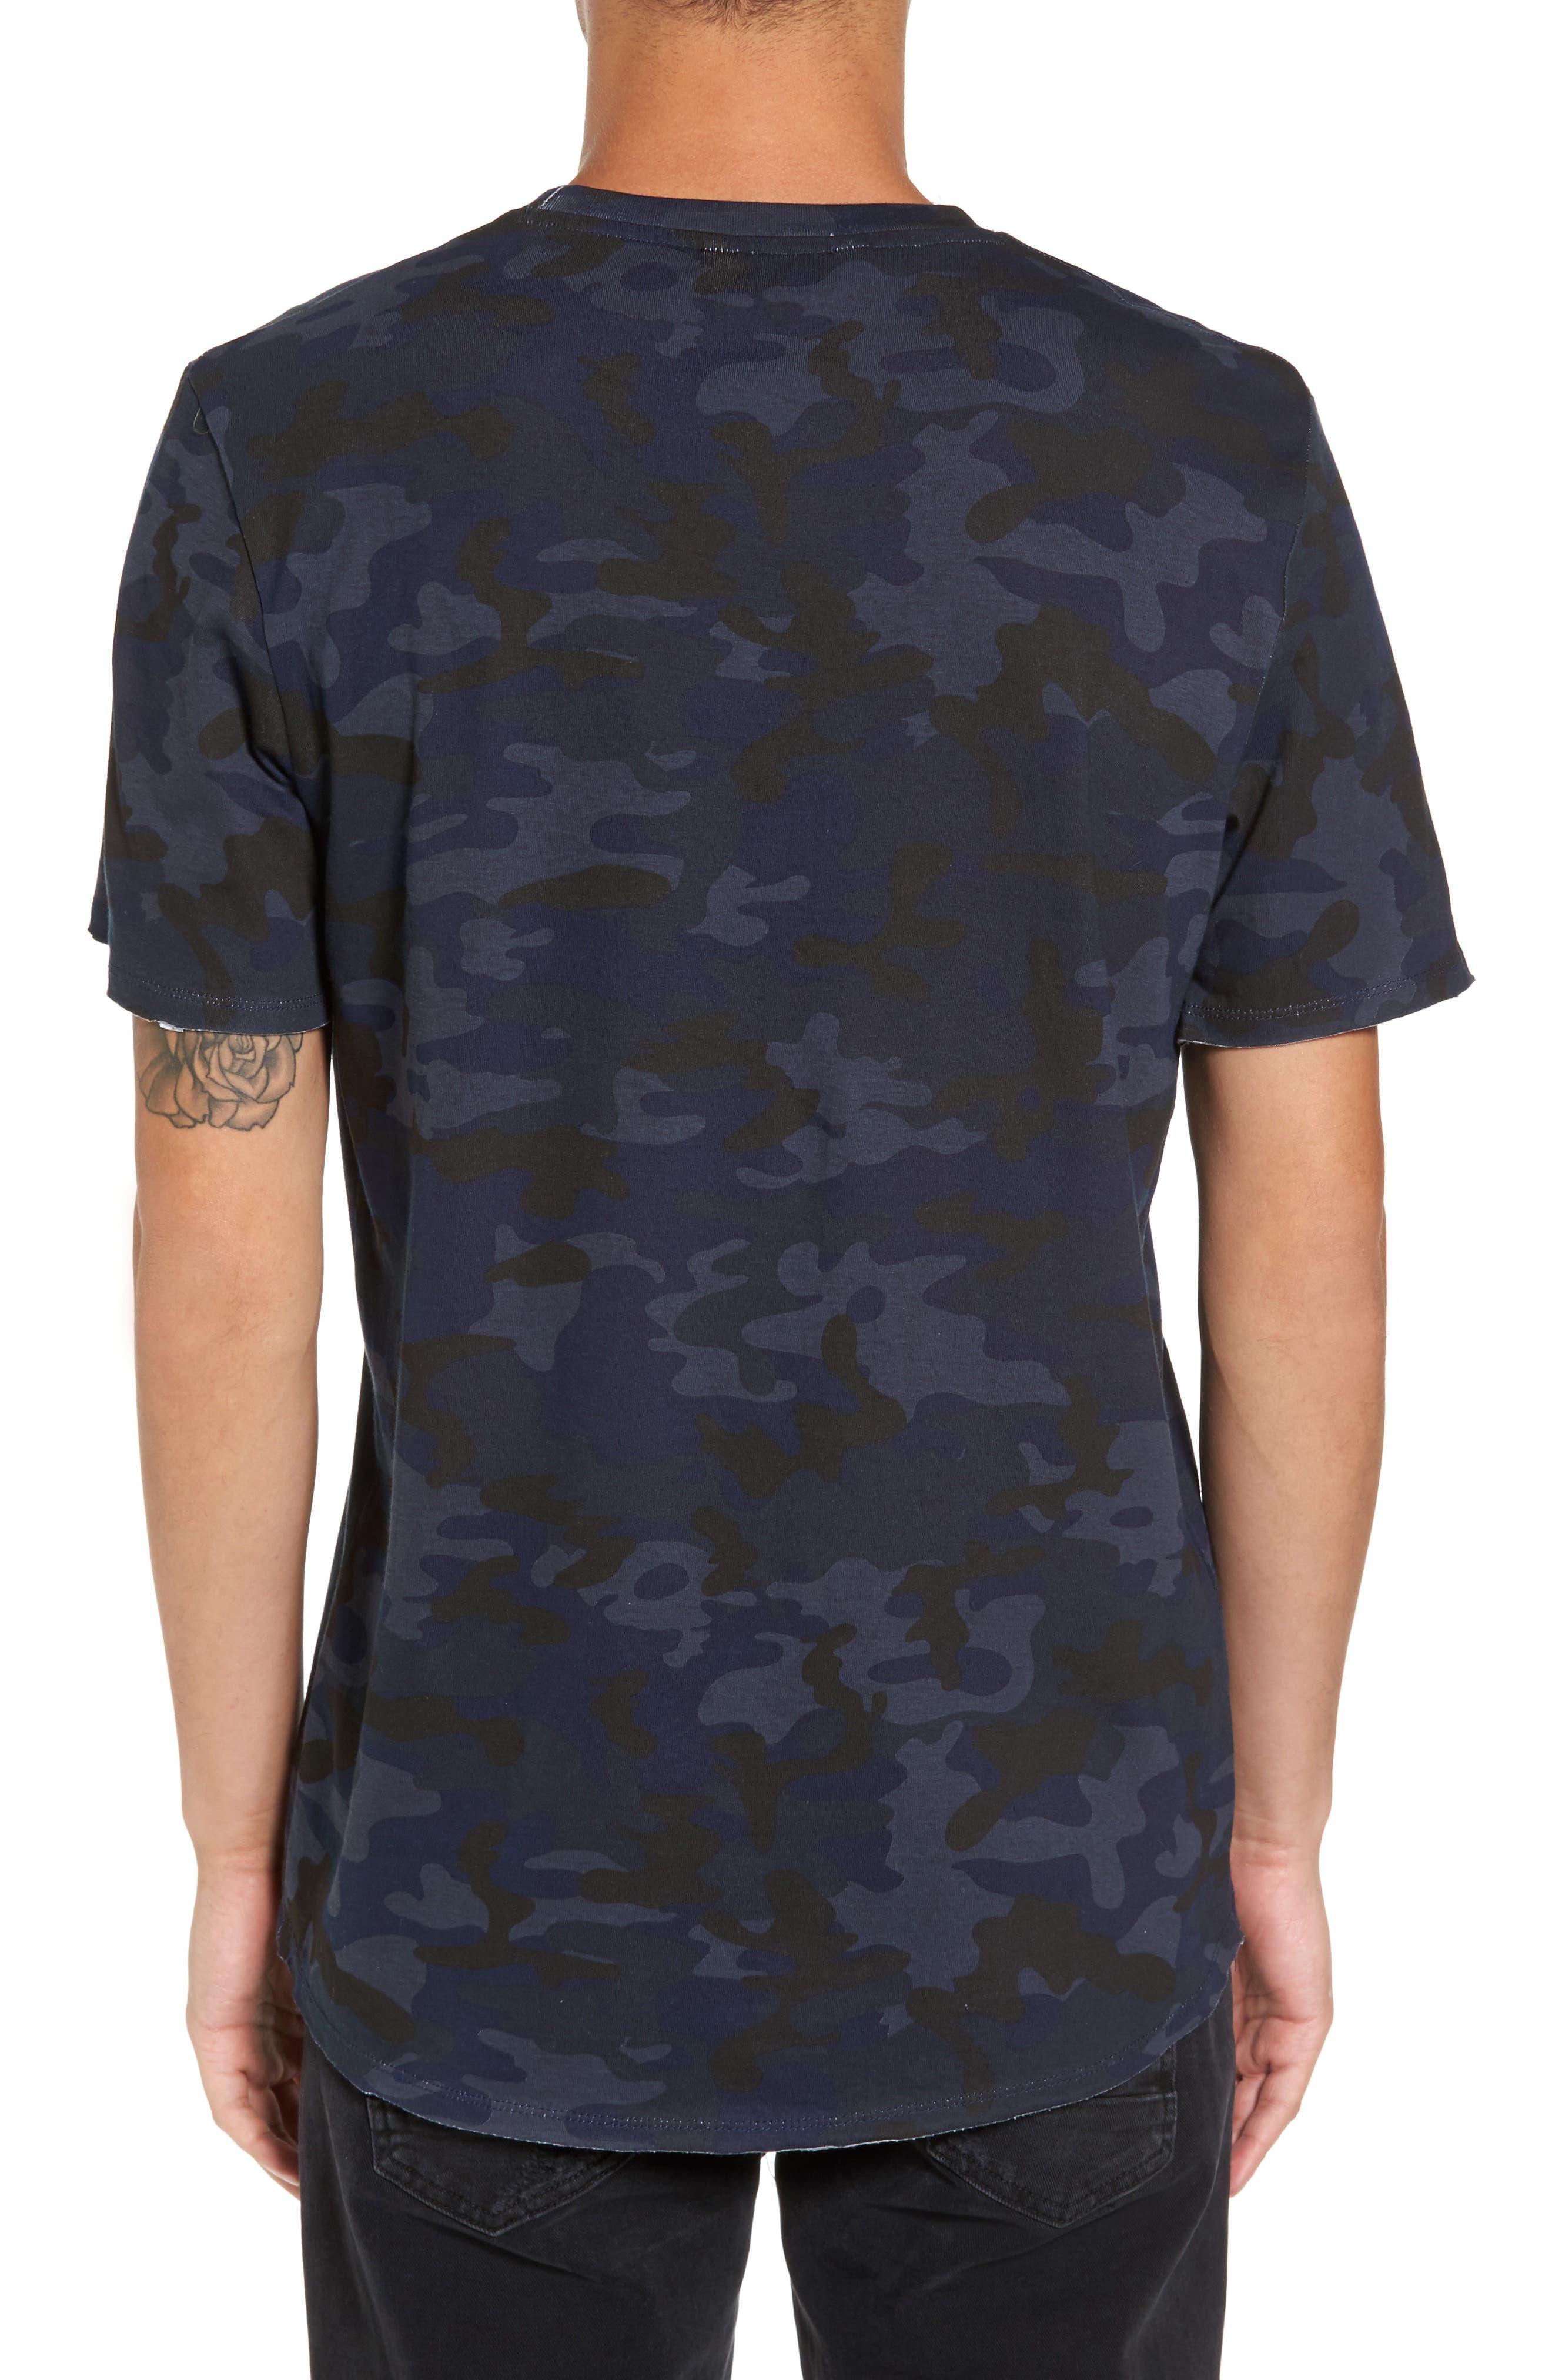 Noght T-Shirt,                             Alternate thumbnail 2, color,                             001